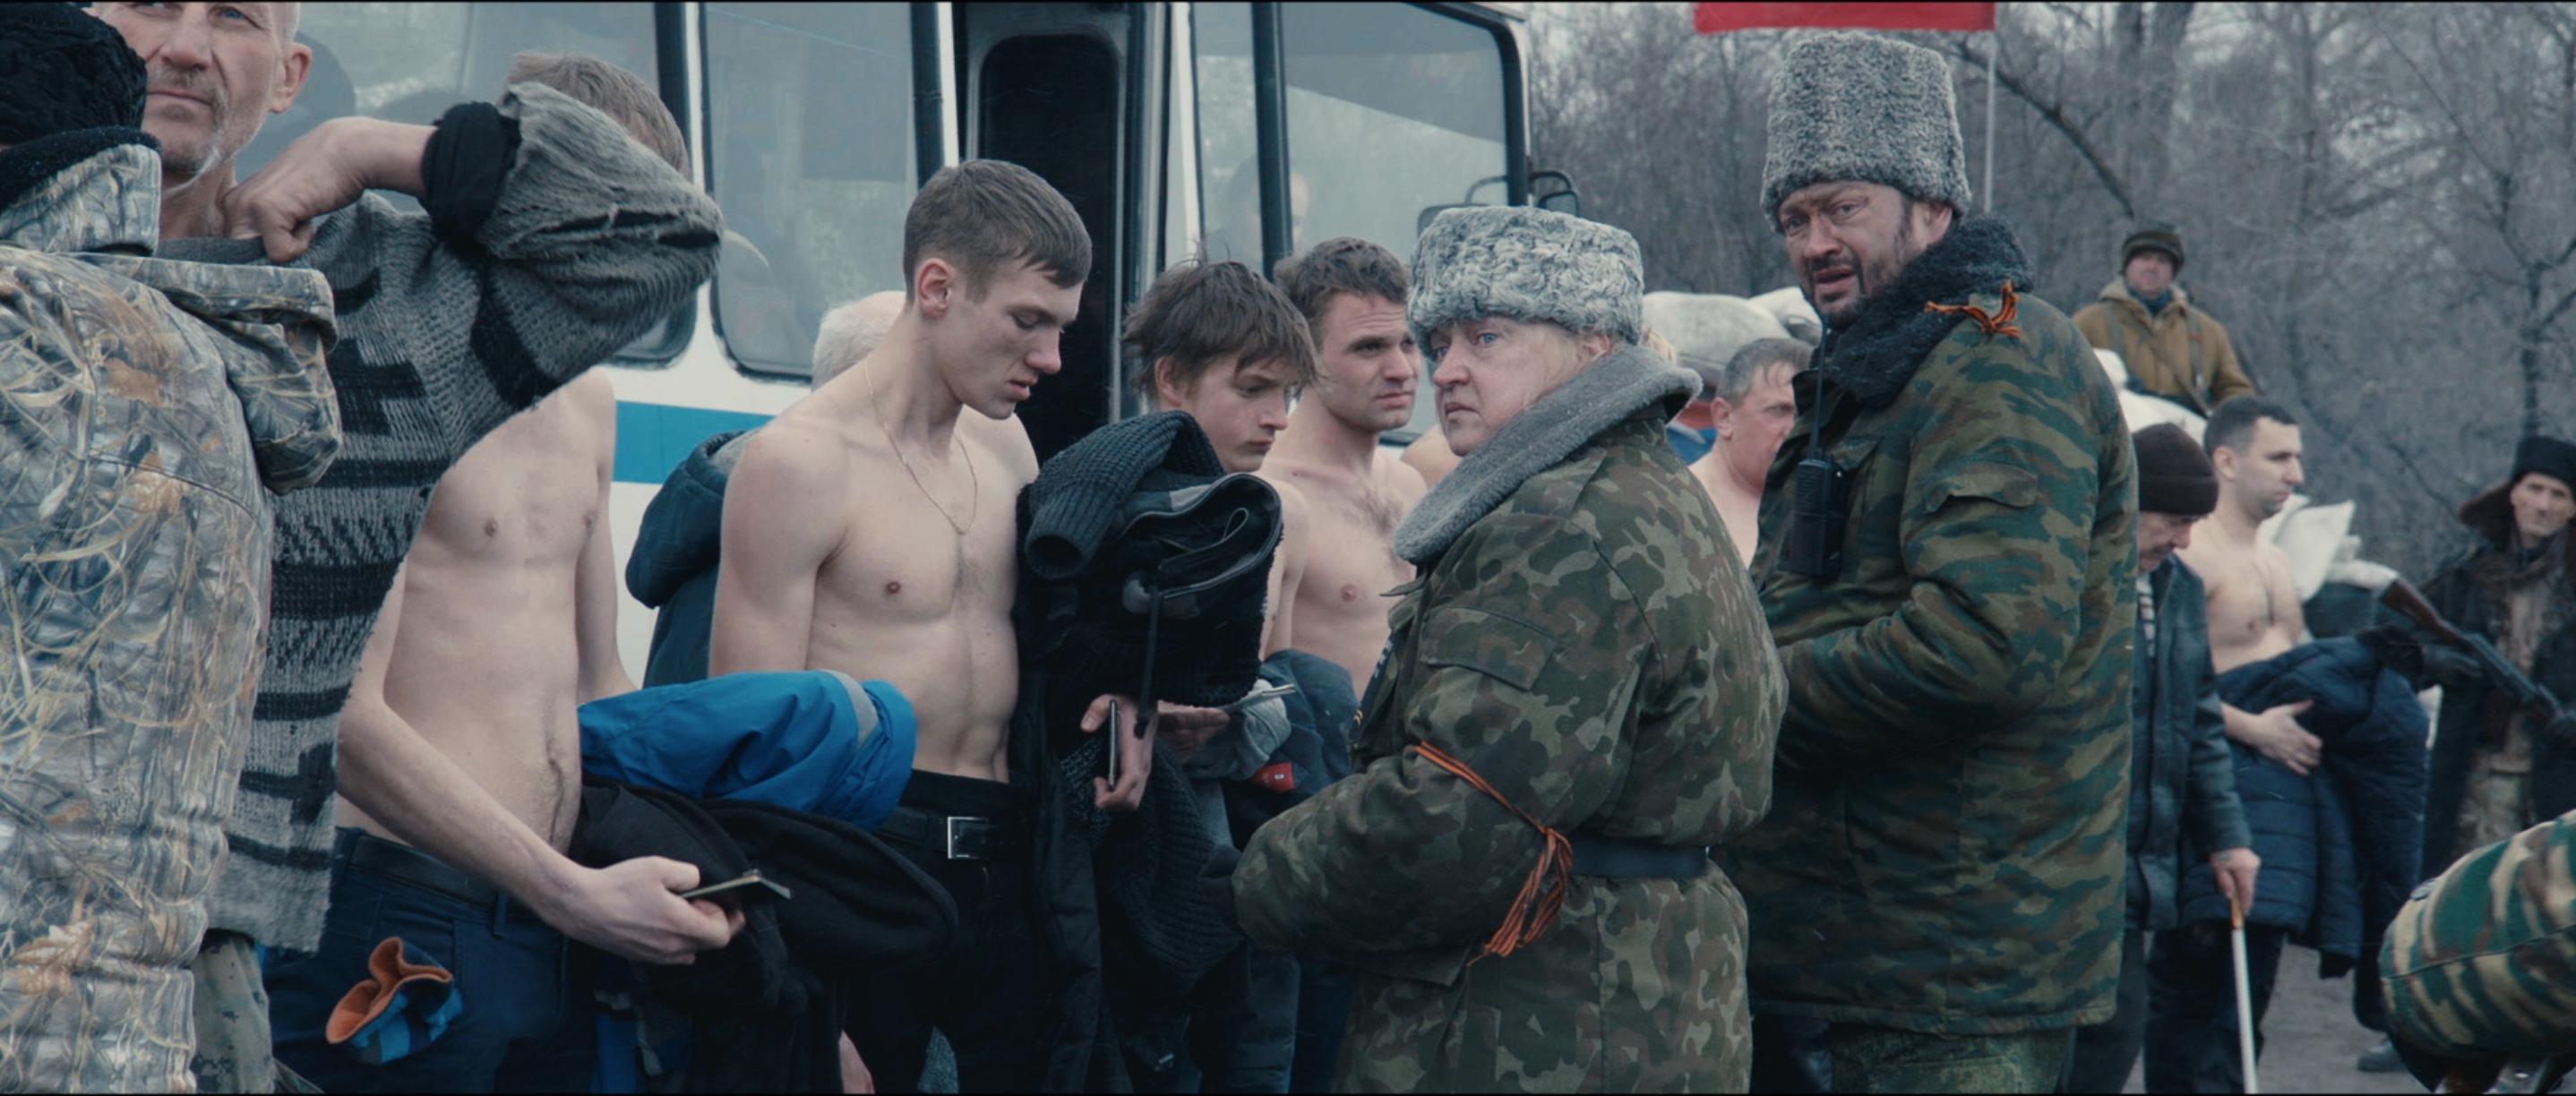 Рецензия на фильм «Донбасс» / Donbass